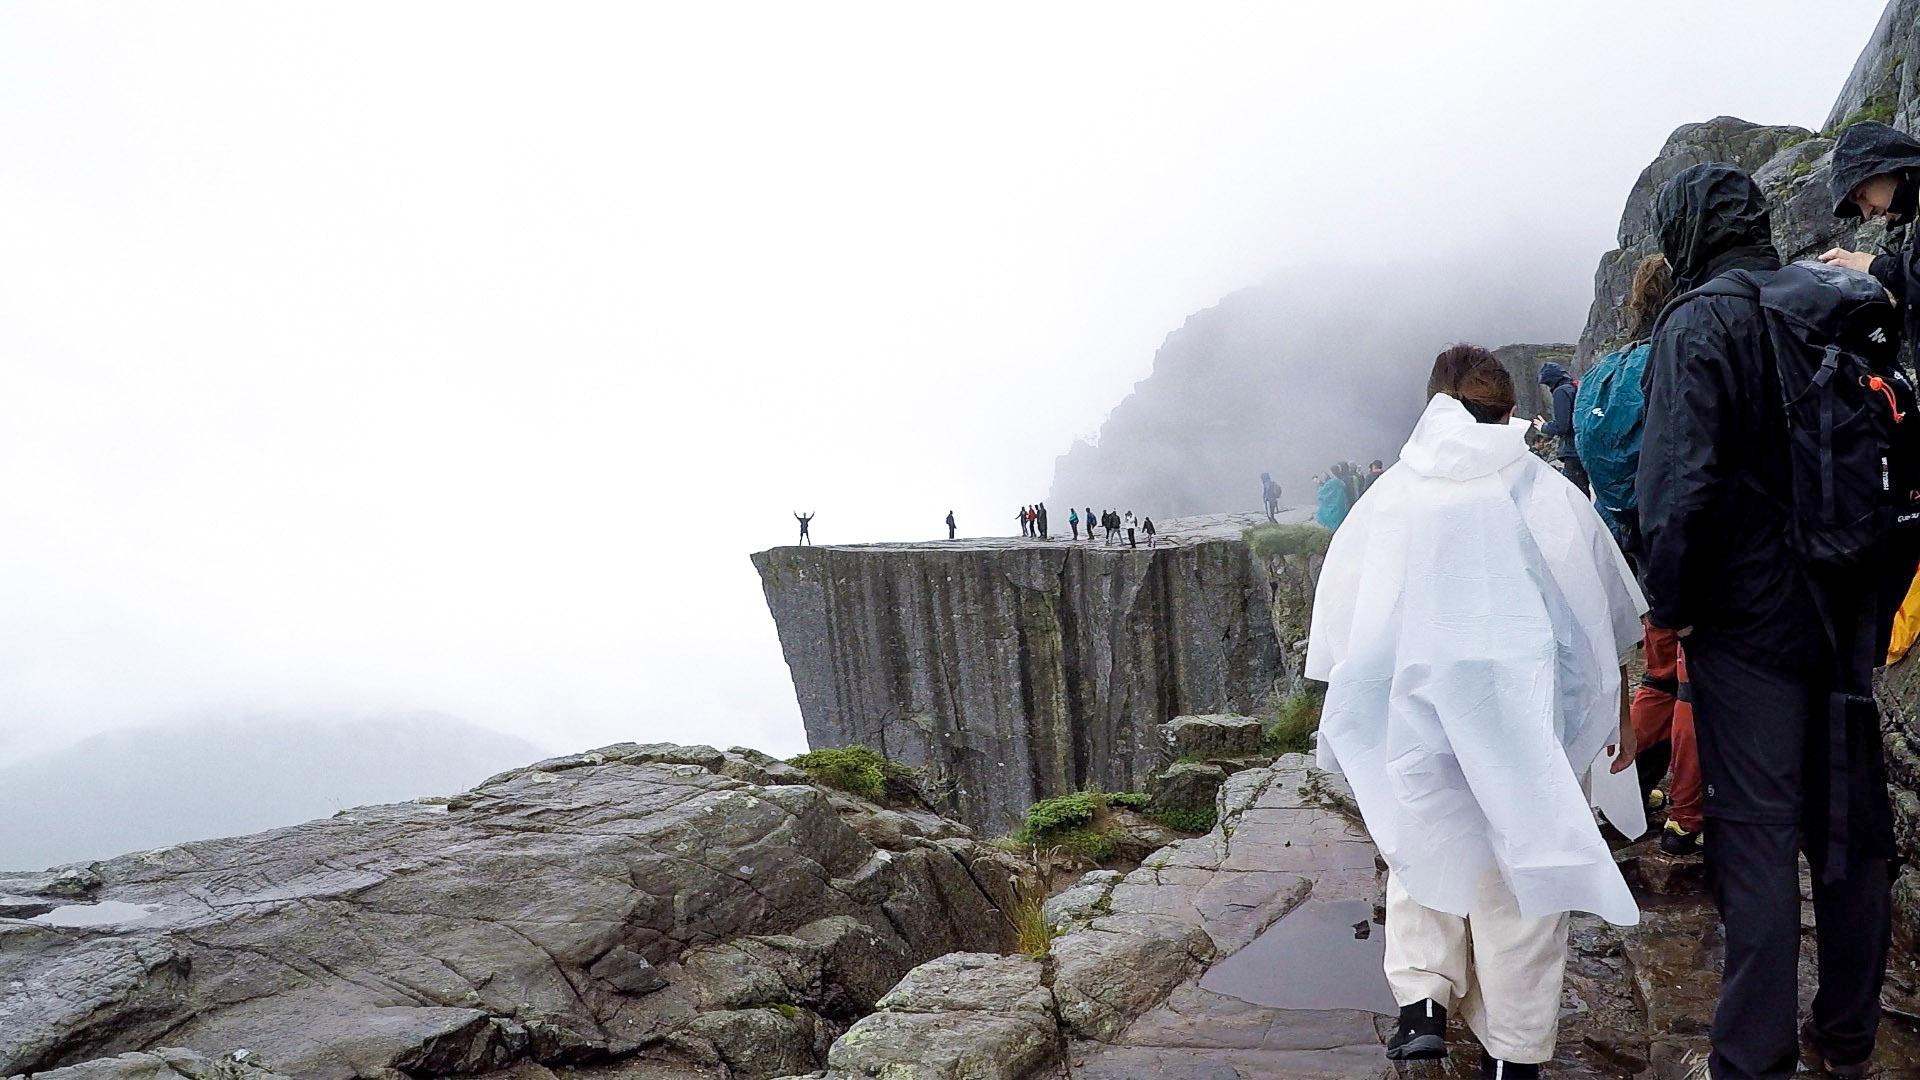 攀山涉水兩小時多,聖壇岩與我終於是近在咫尺的距離了!這邊開始堆積人群等候到經典打卡位置拍照留念。